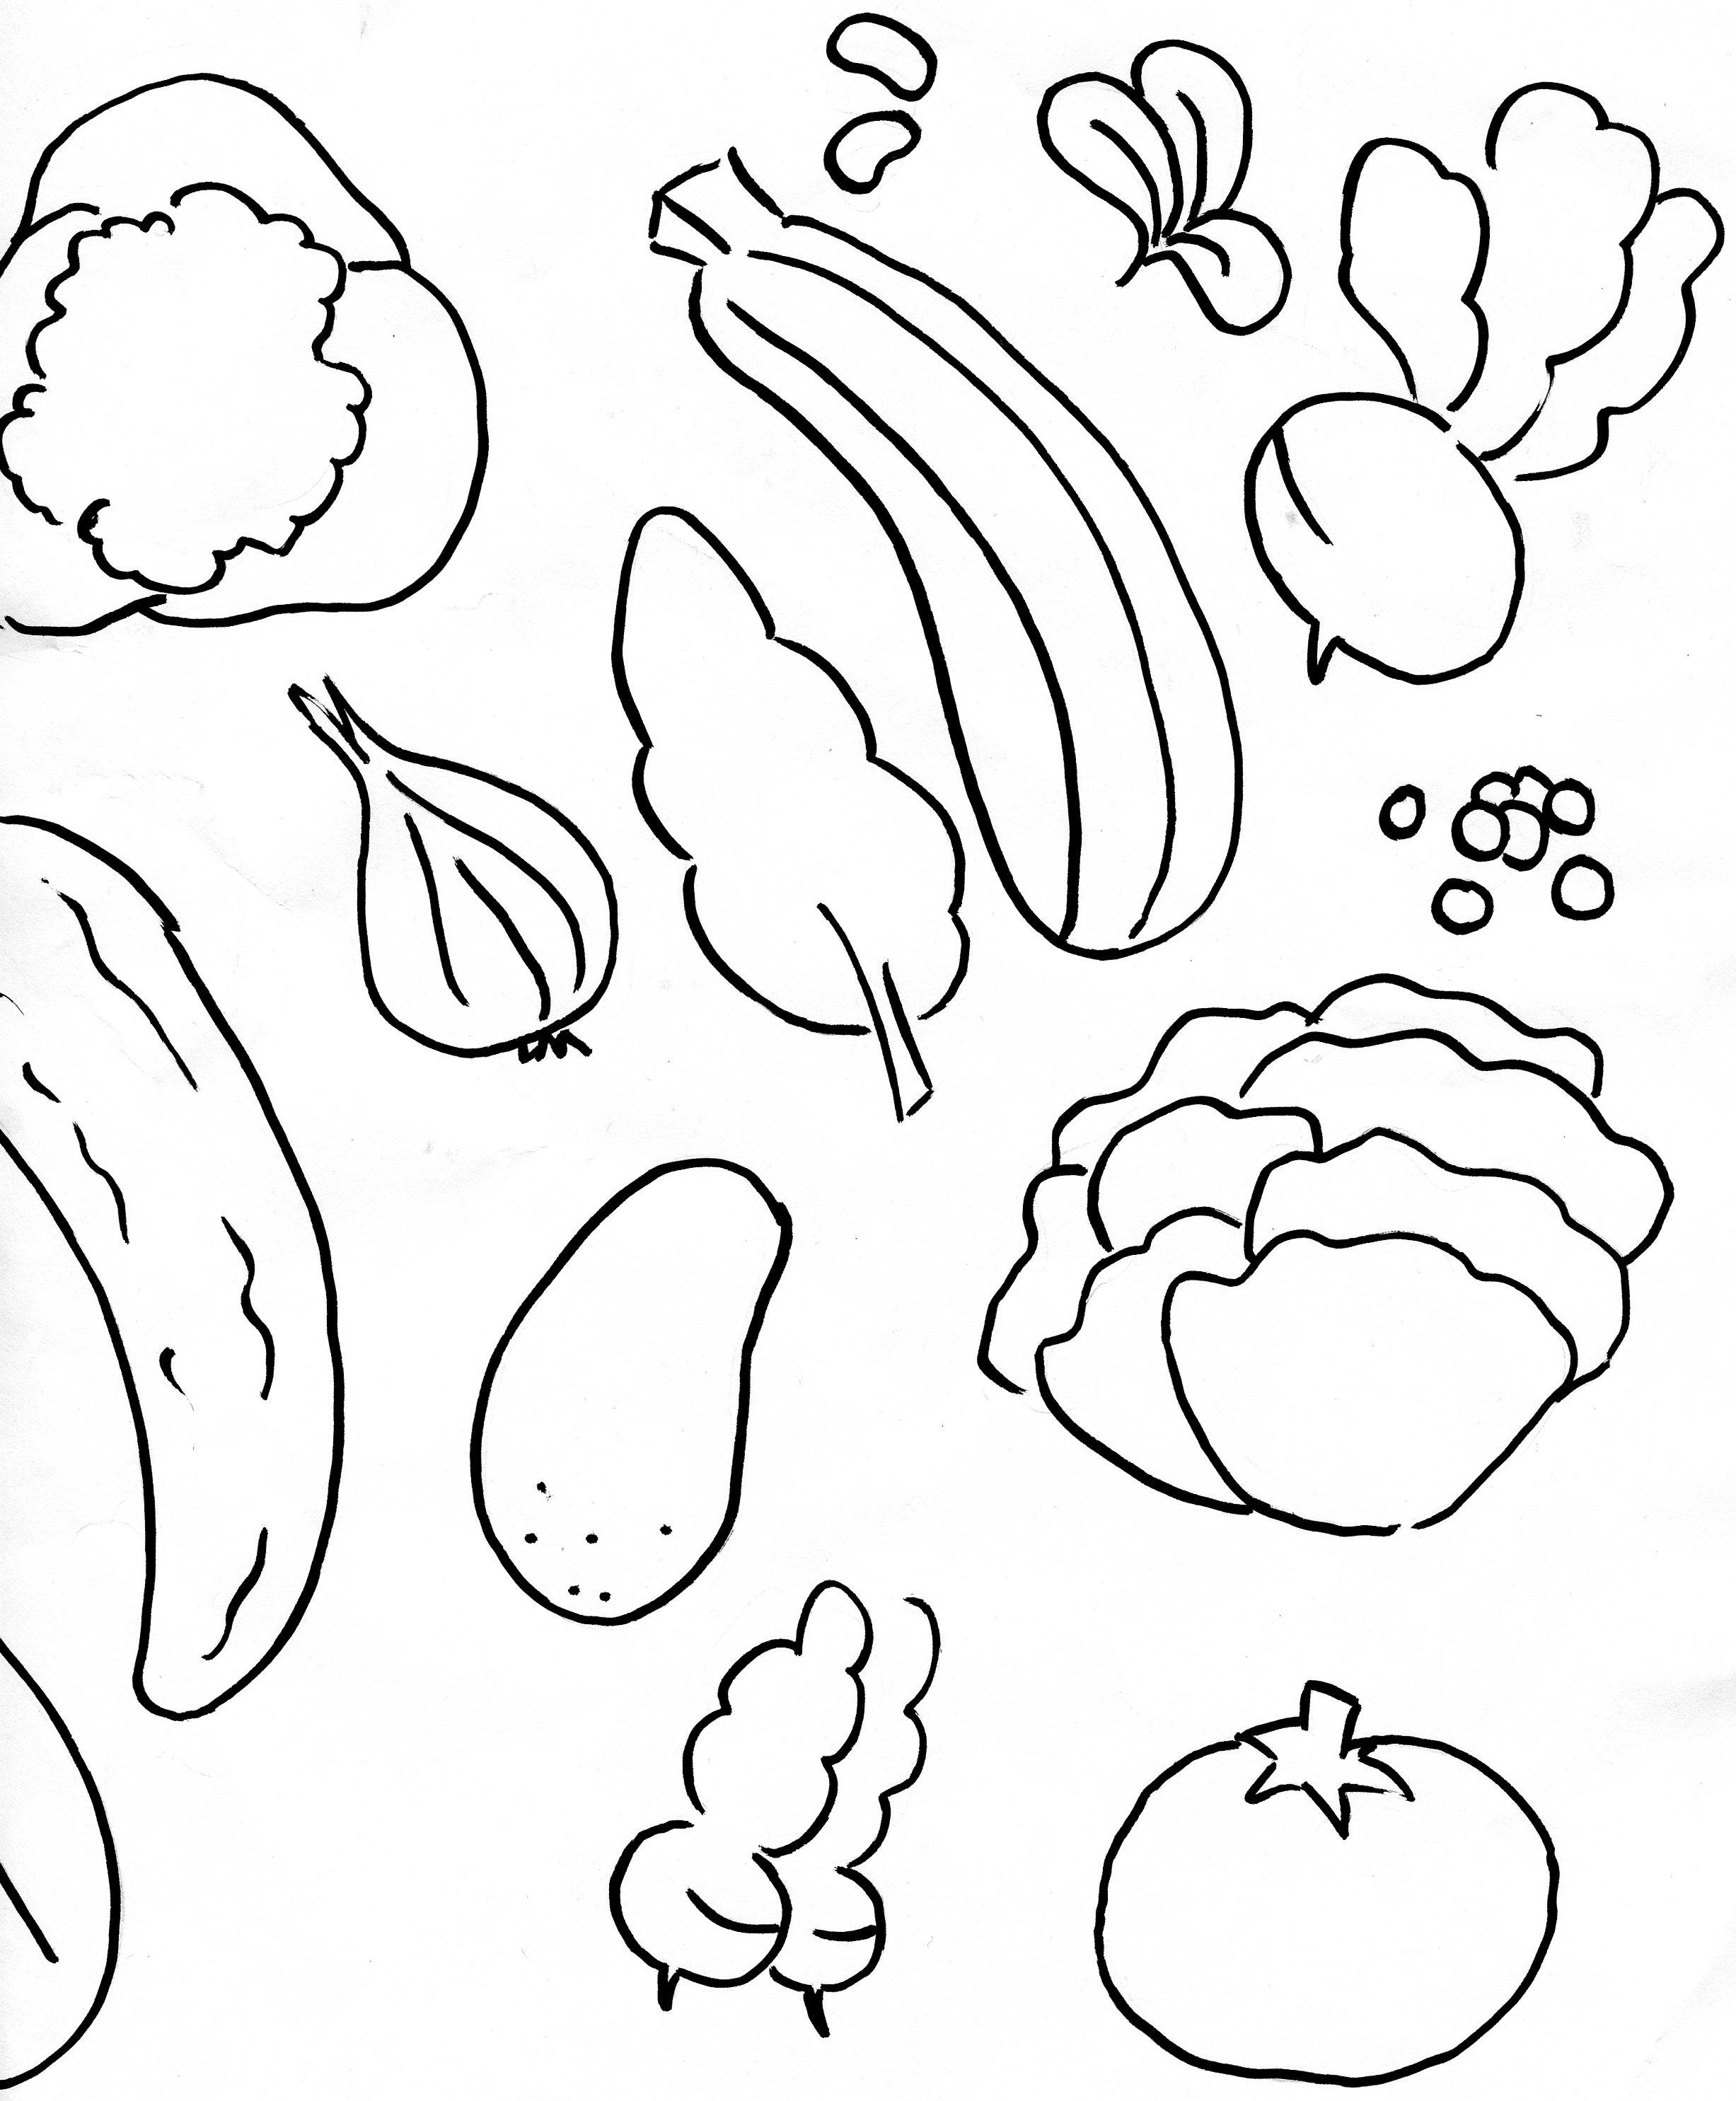 99 Dessins De Coloriage Fruit Et Legume À Imprimer avec Coloriage Fruits Et Legumes